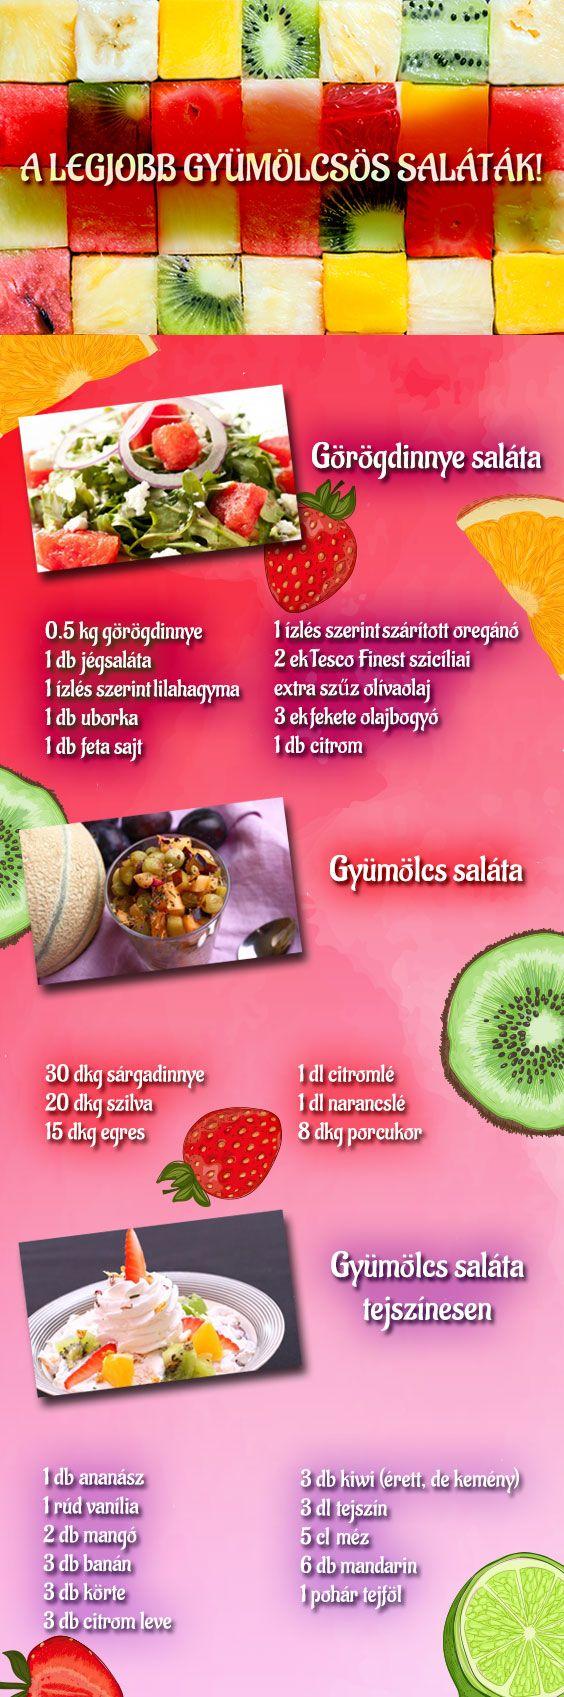 Szuper saláták gyümölcsökből! :)